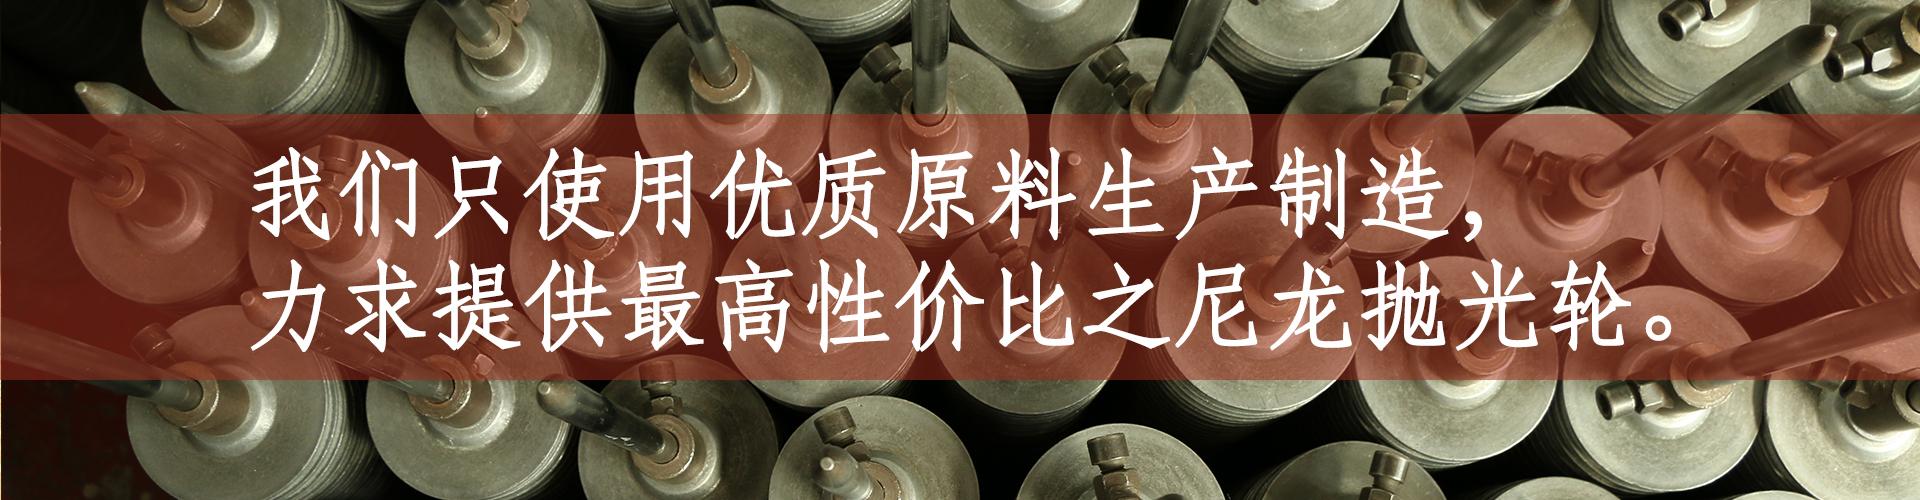 首页banner4